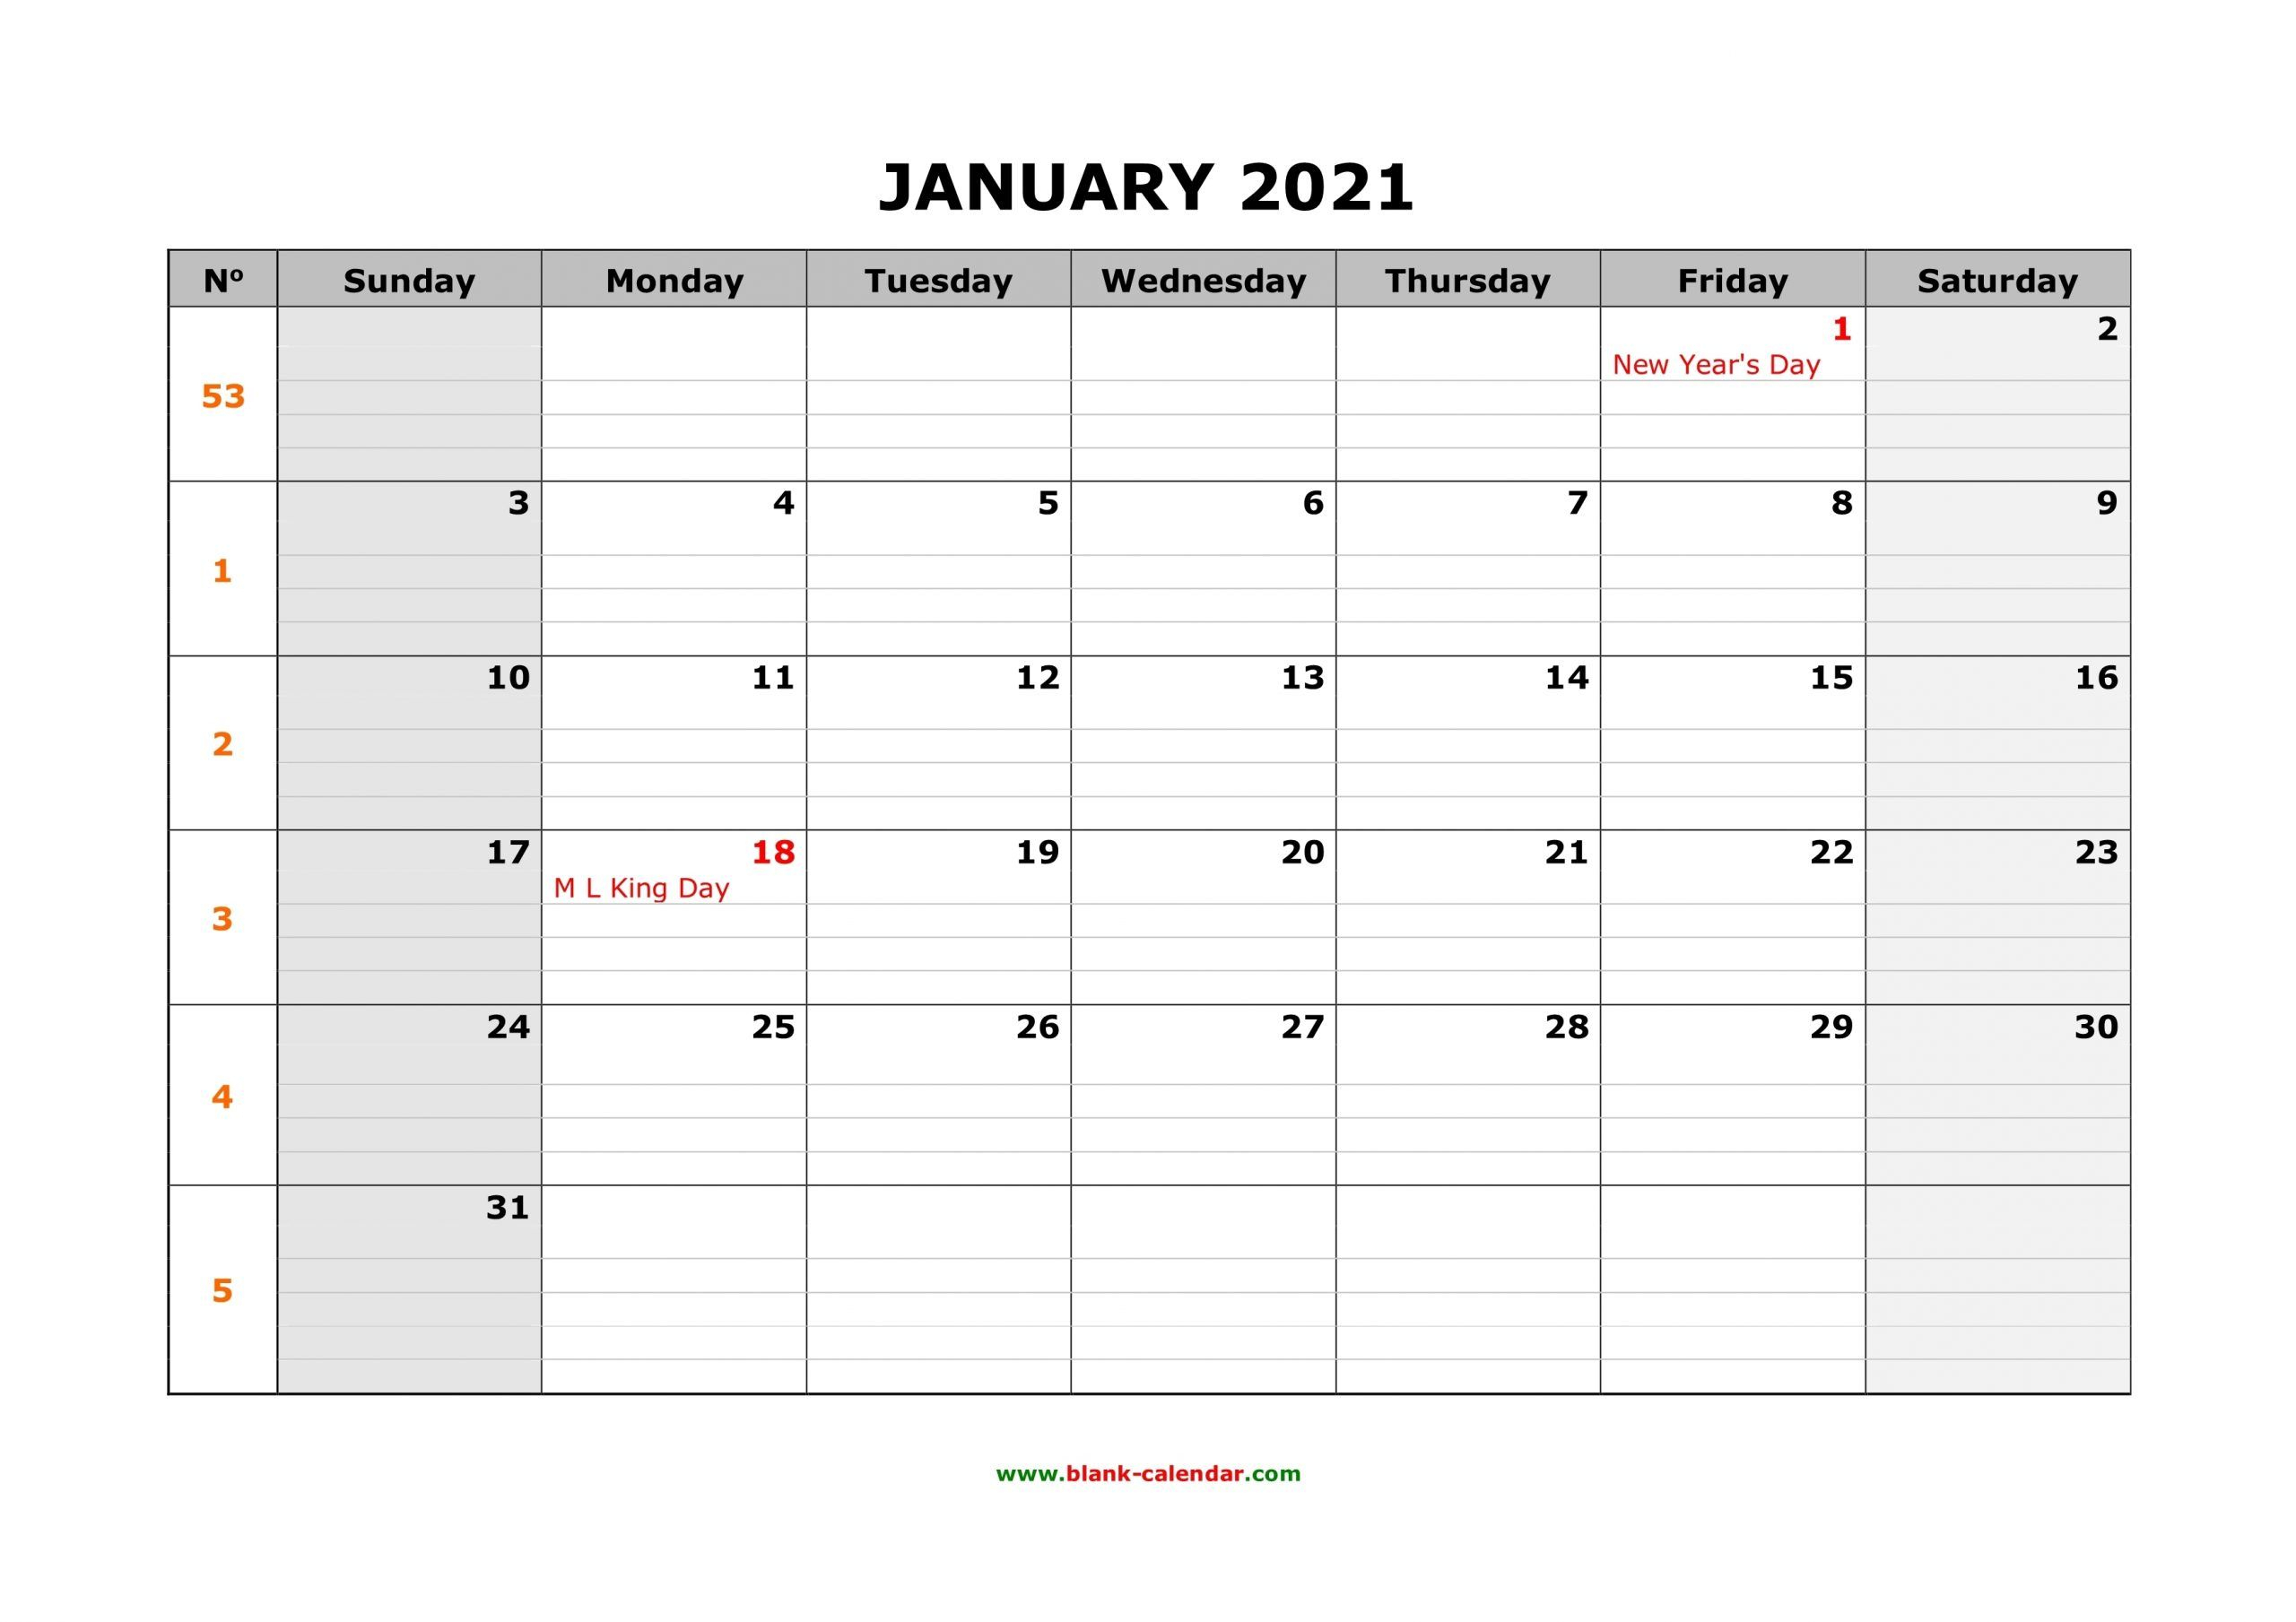 500+ Calendar 2021 Ideas In 2021 | Calendar Printables